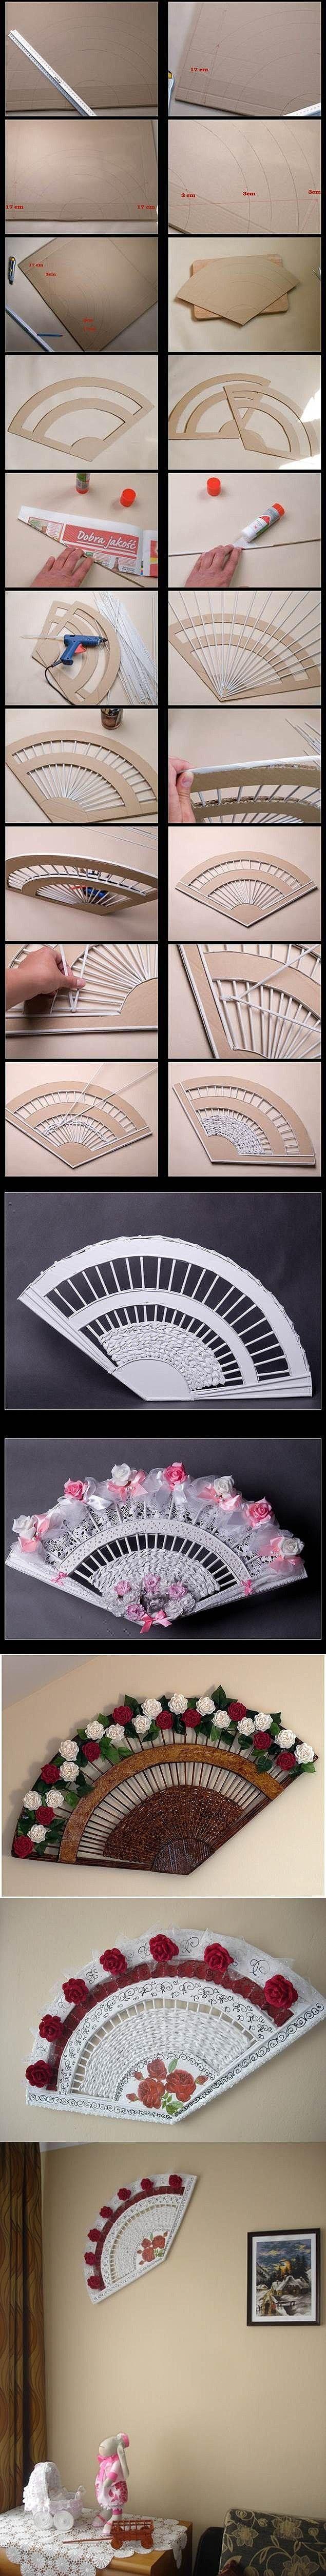 DIY ventilador decorado a mano hecho a mano